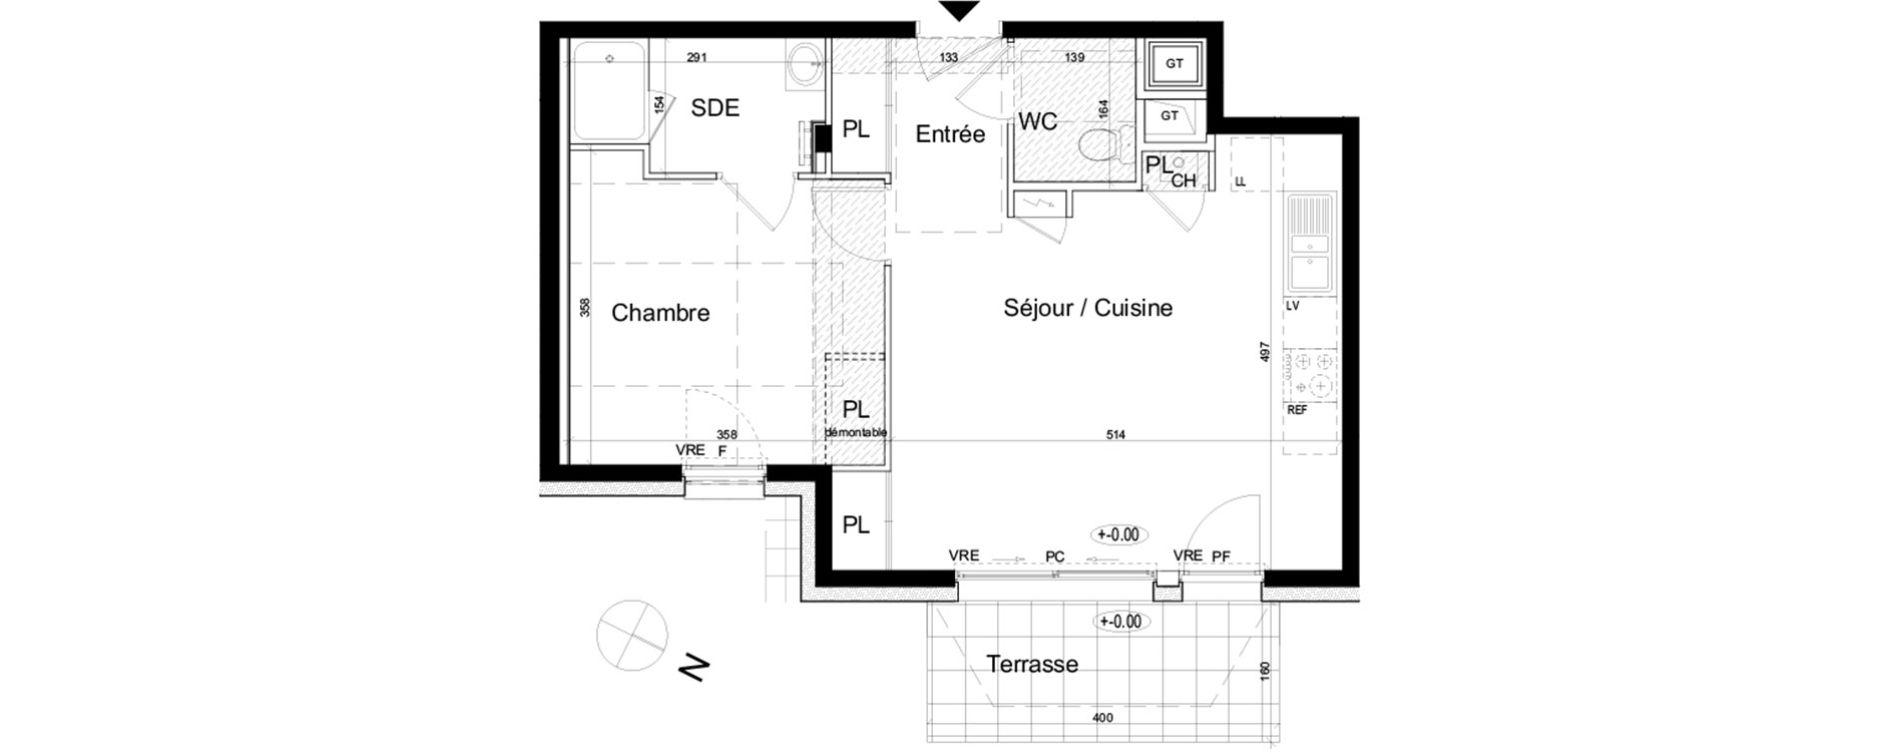 plan appartement gt